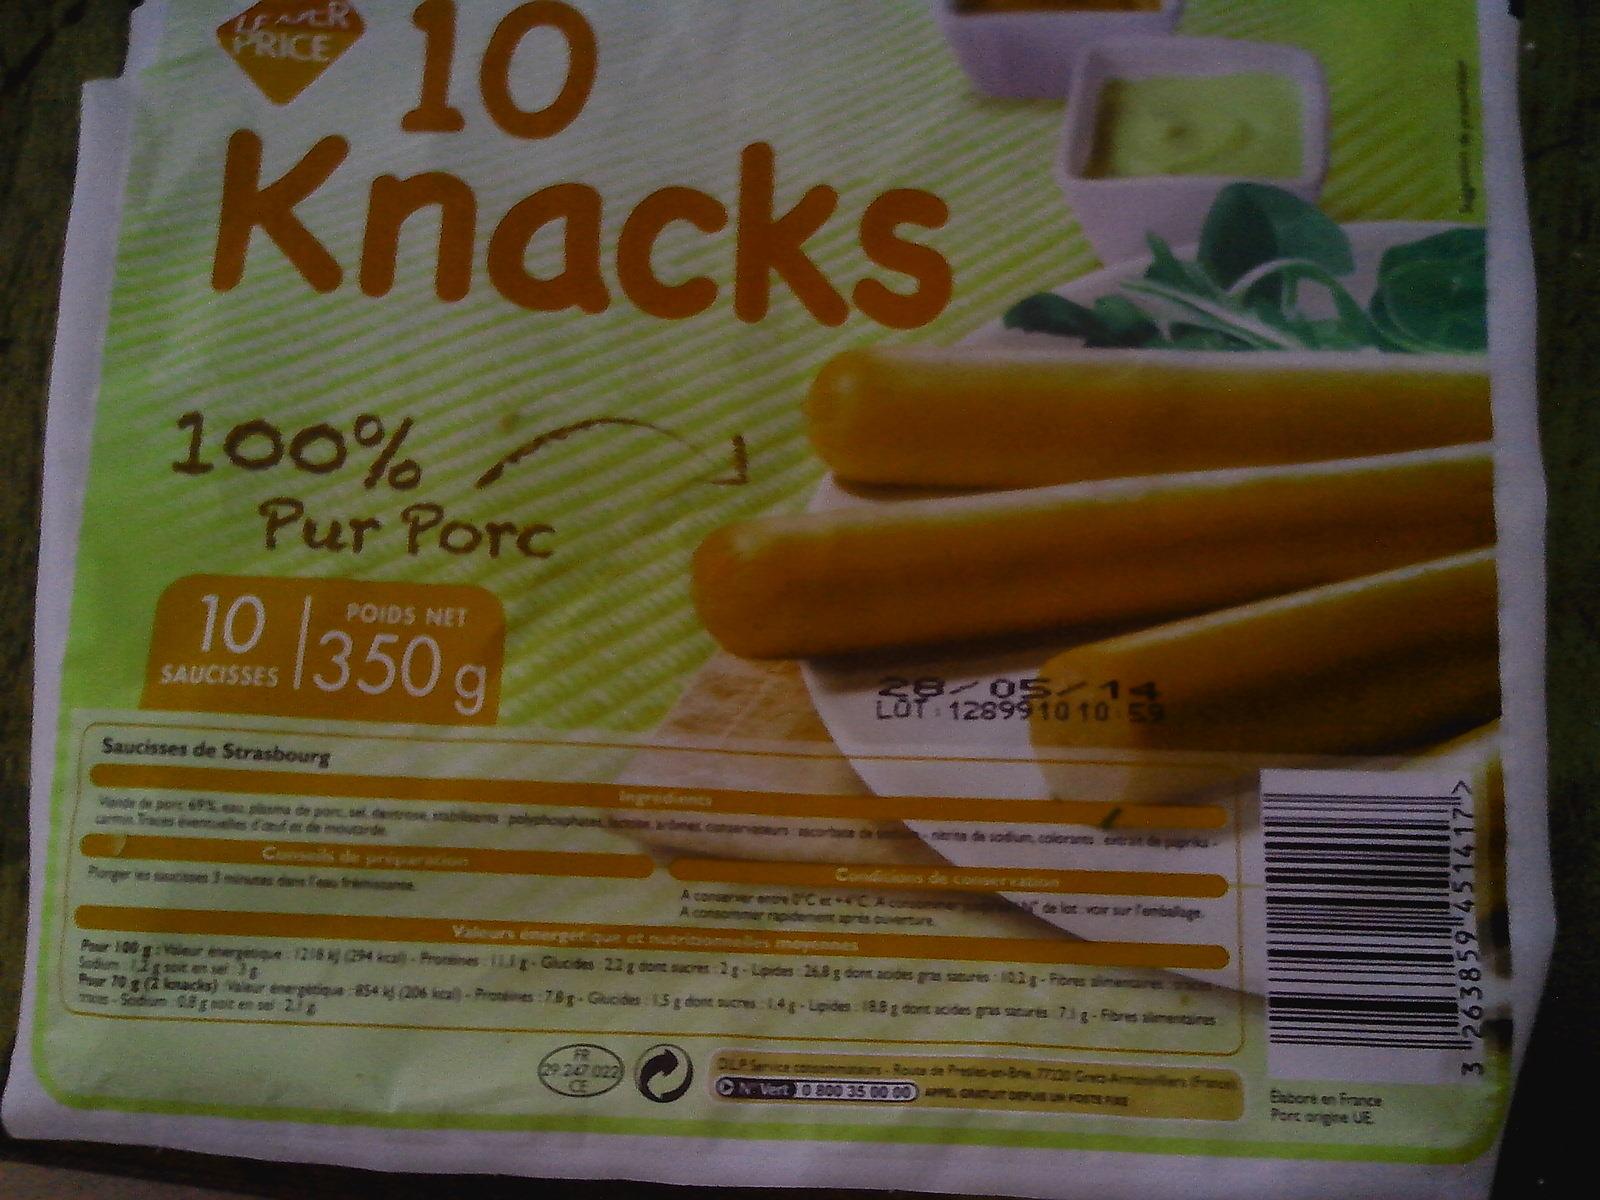 10 Knacks - Saucisses de Strasbourg - Product - fr